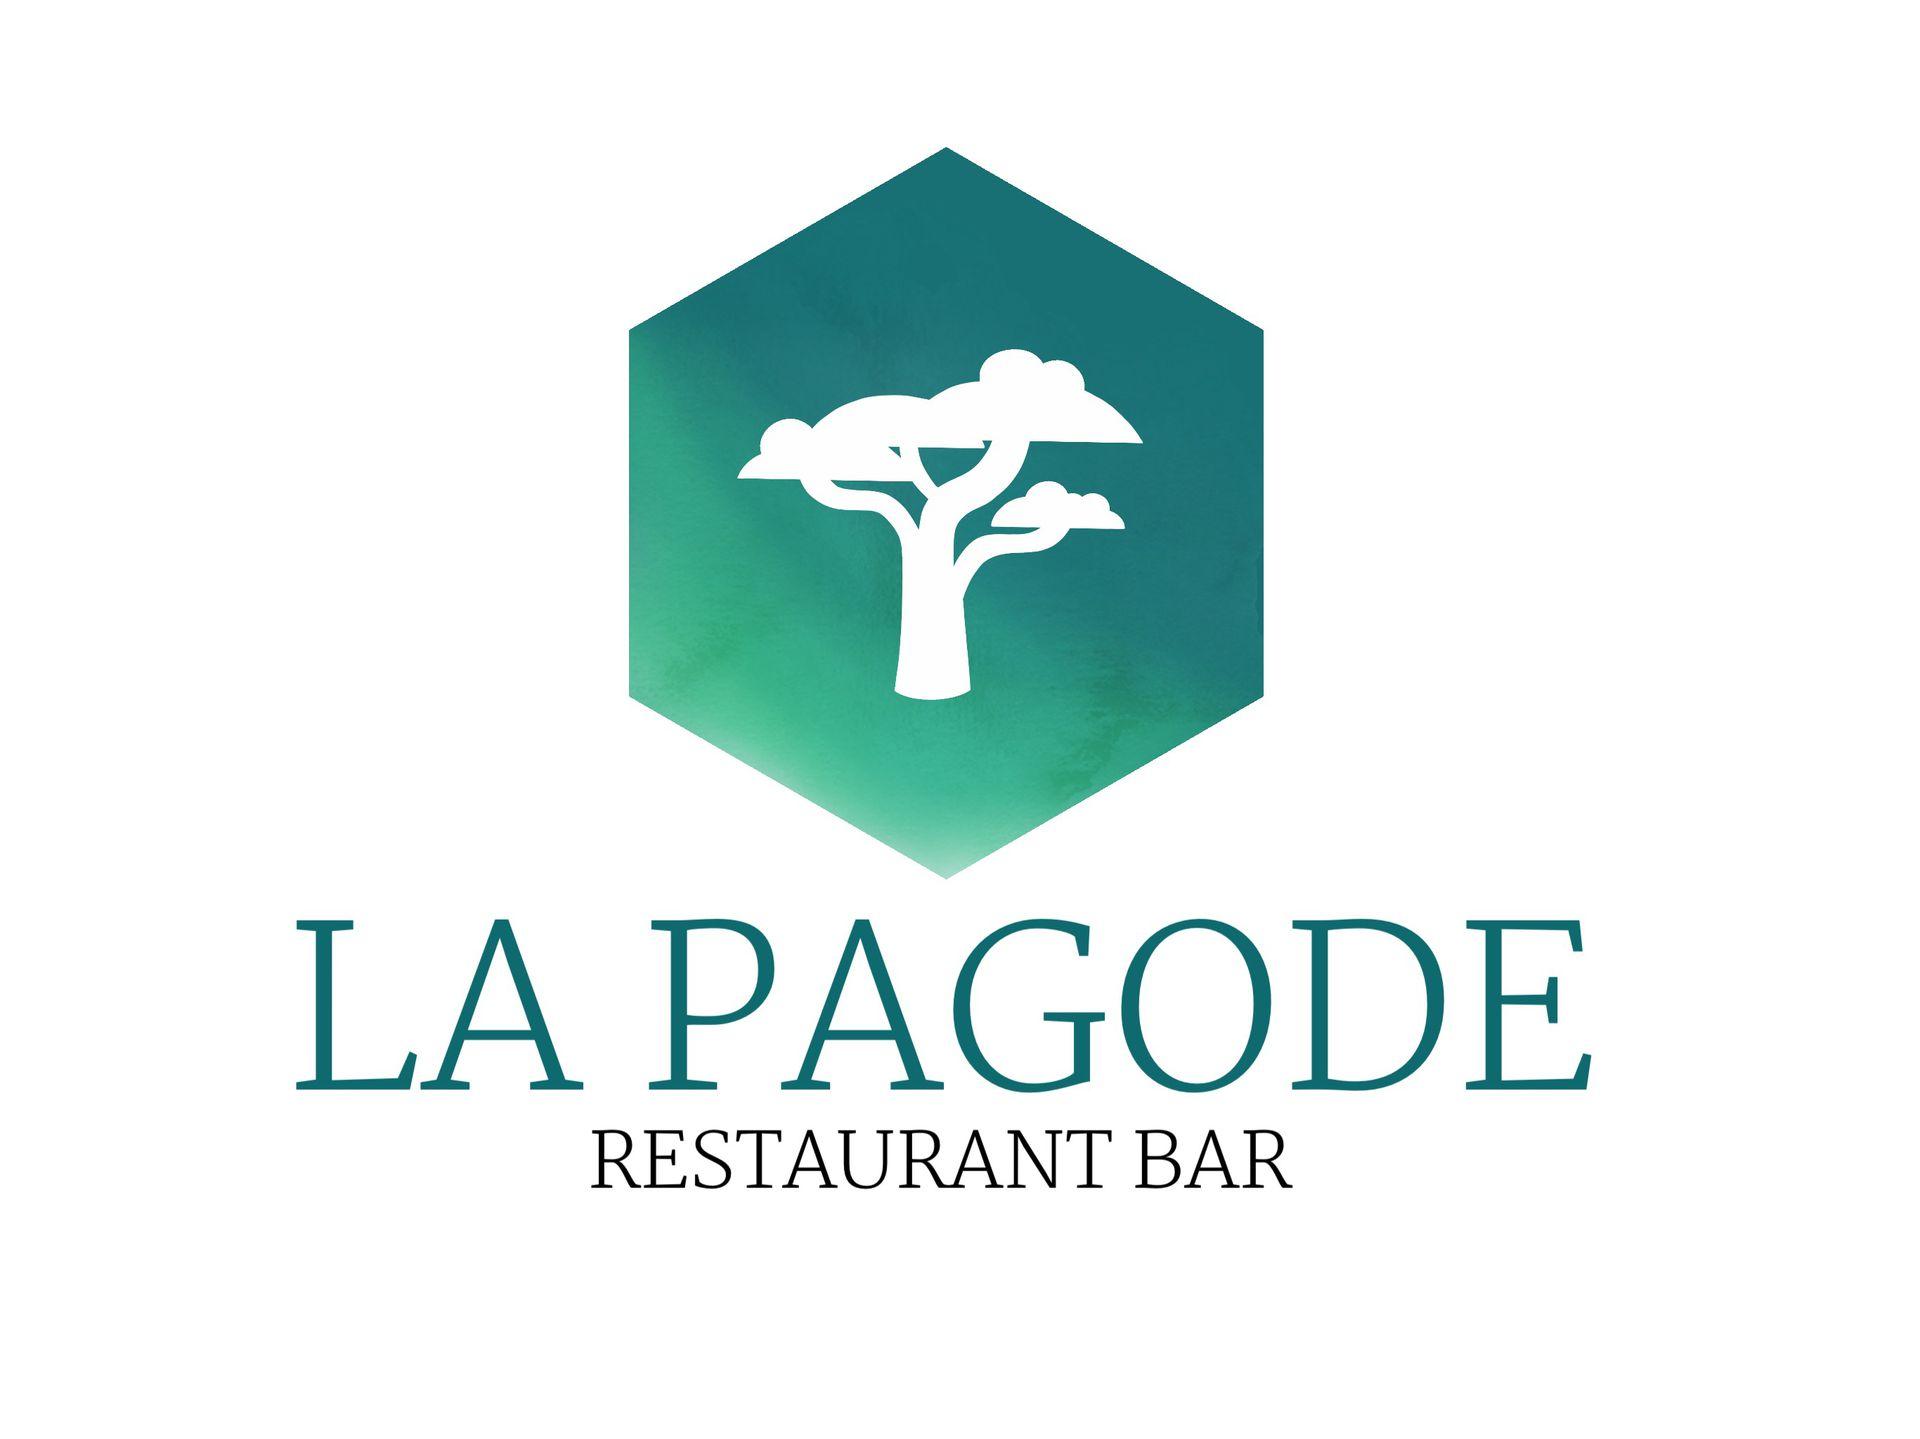 LA PAGODE restaurant